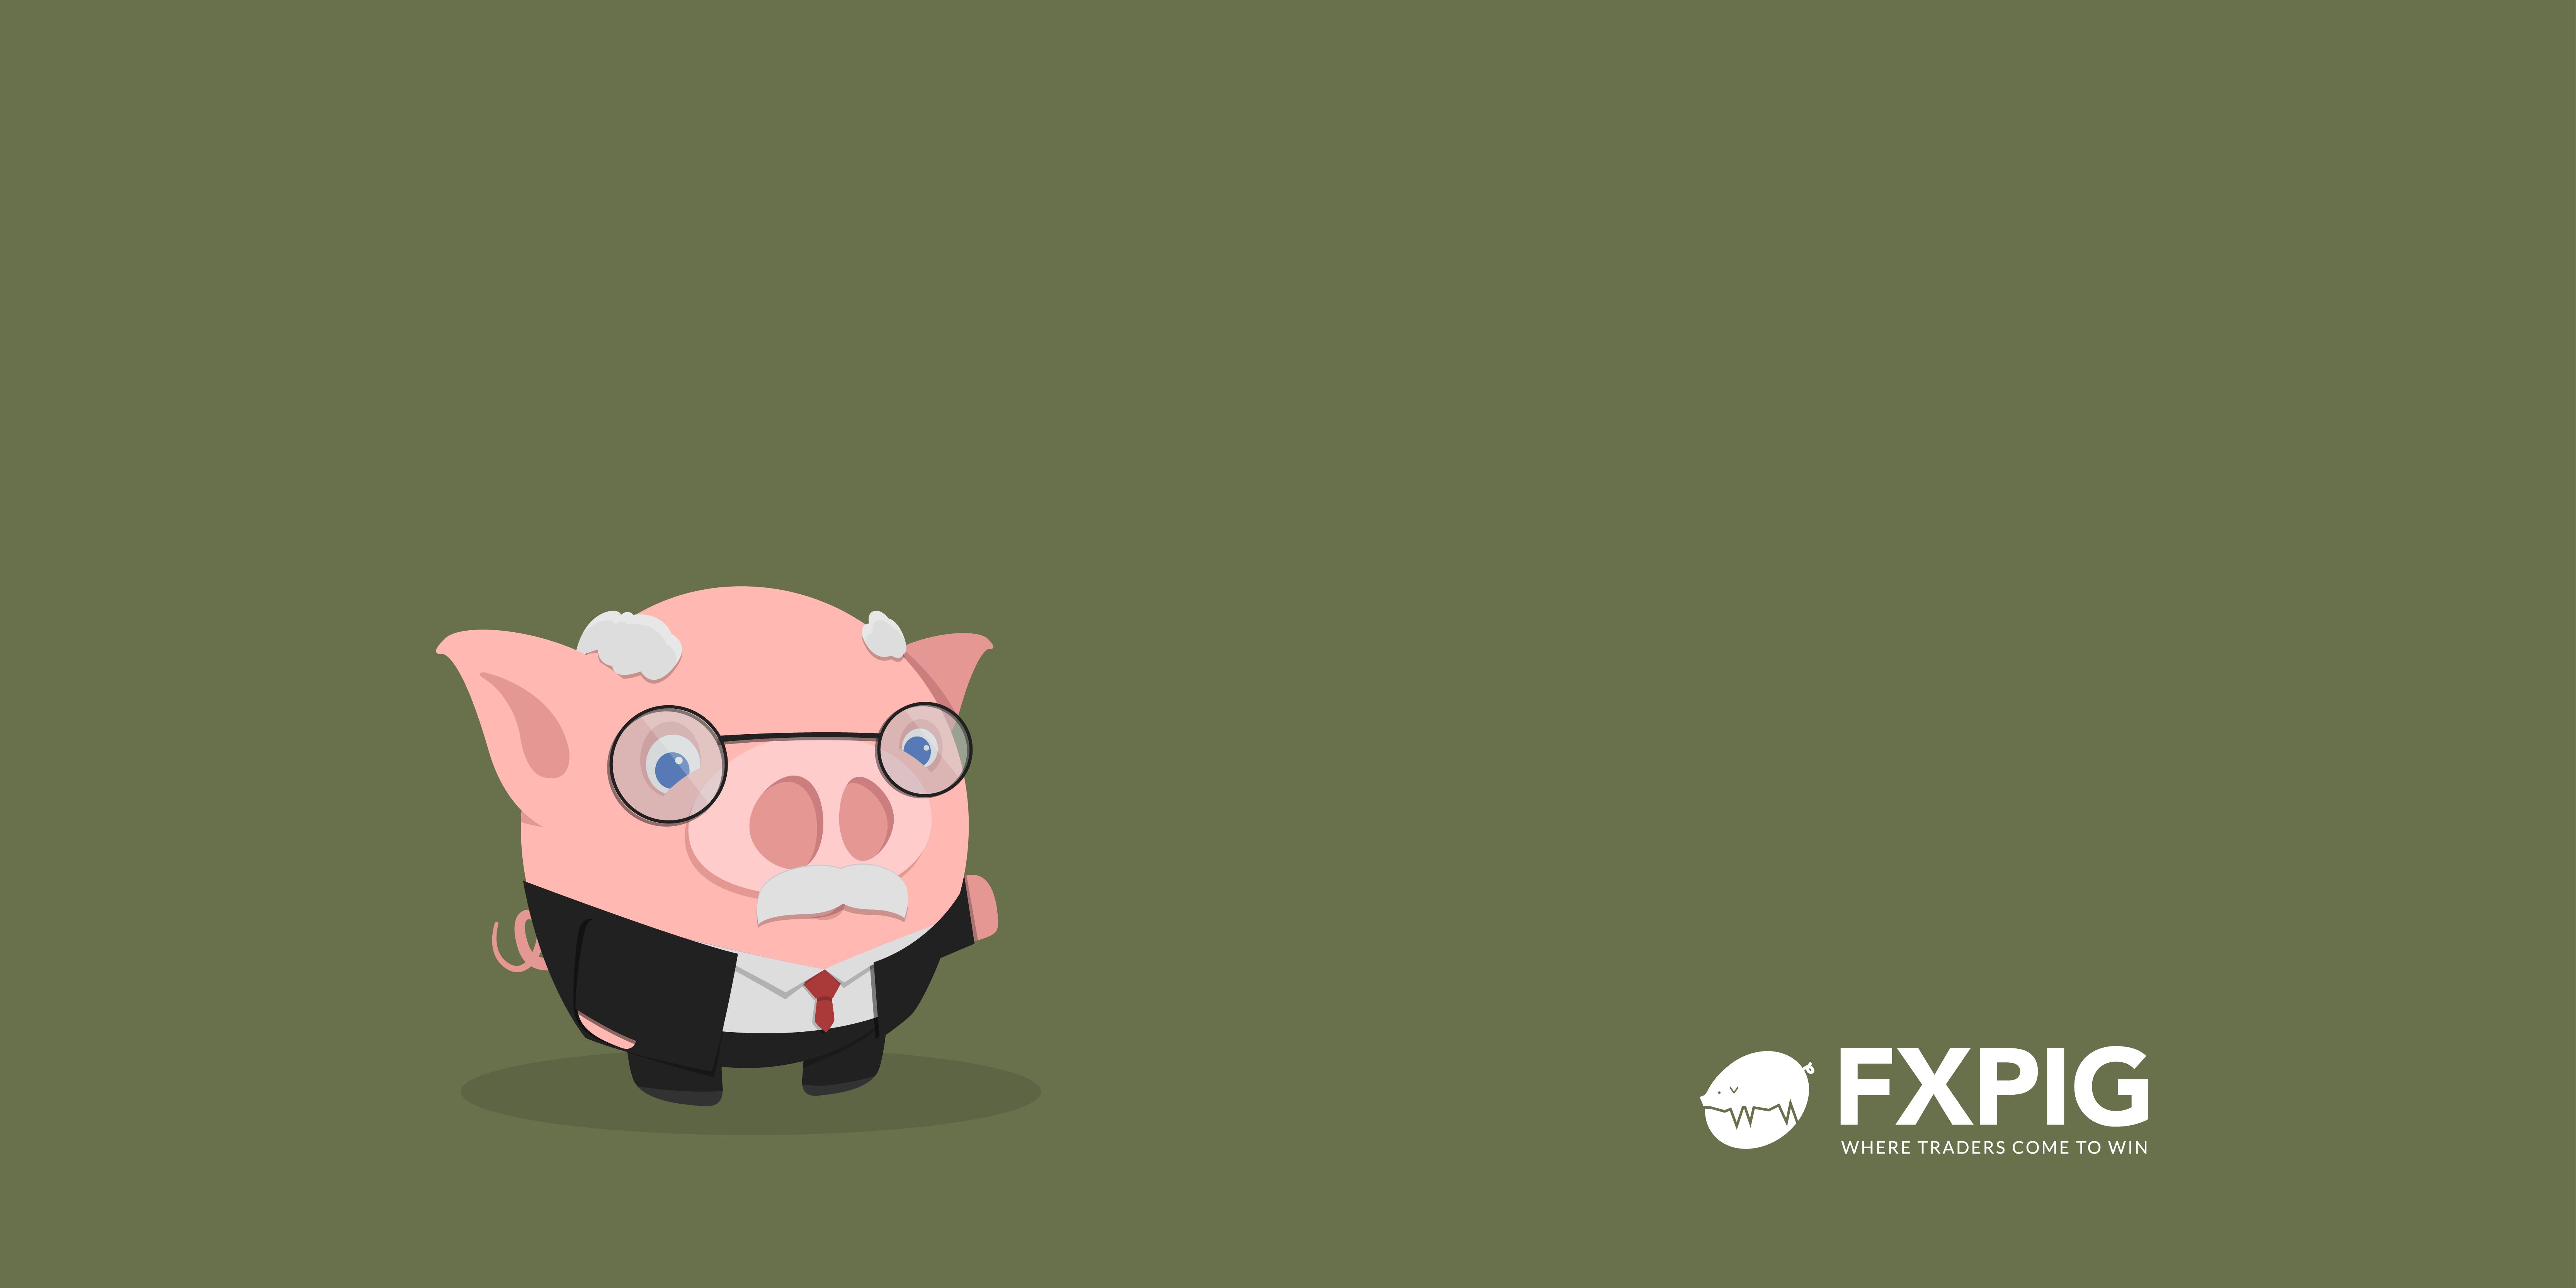 FOREX_PIG-INSIDER_FXPIG